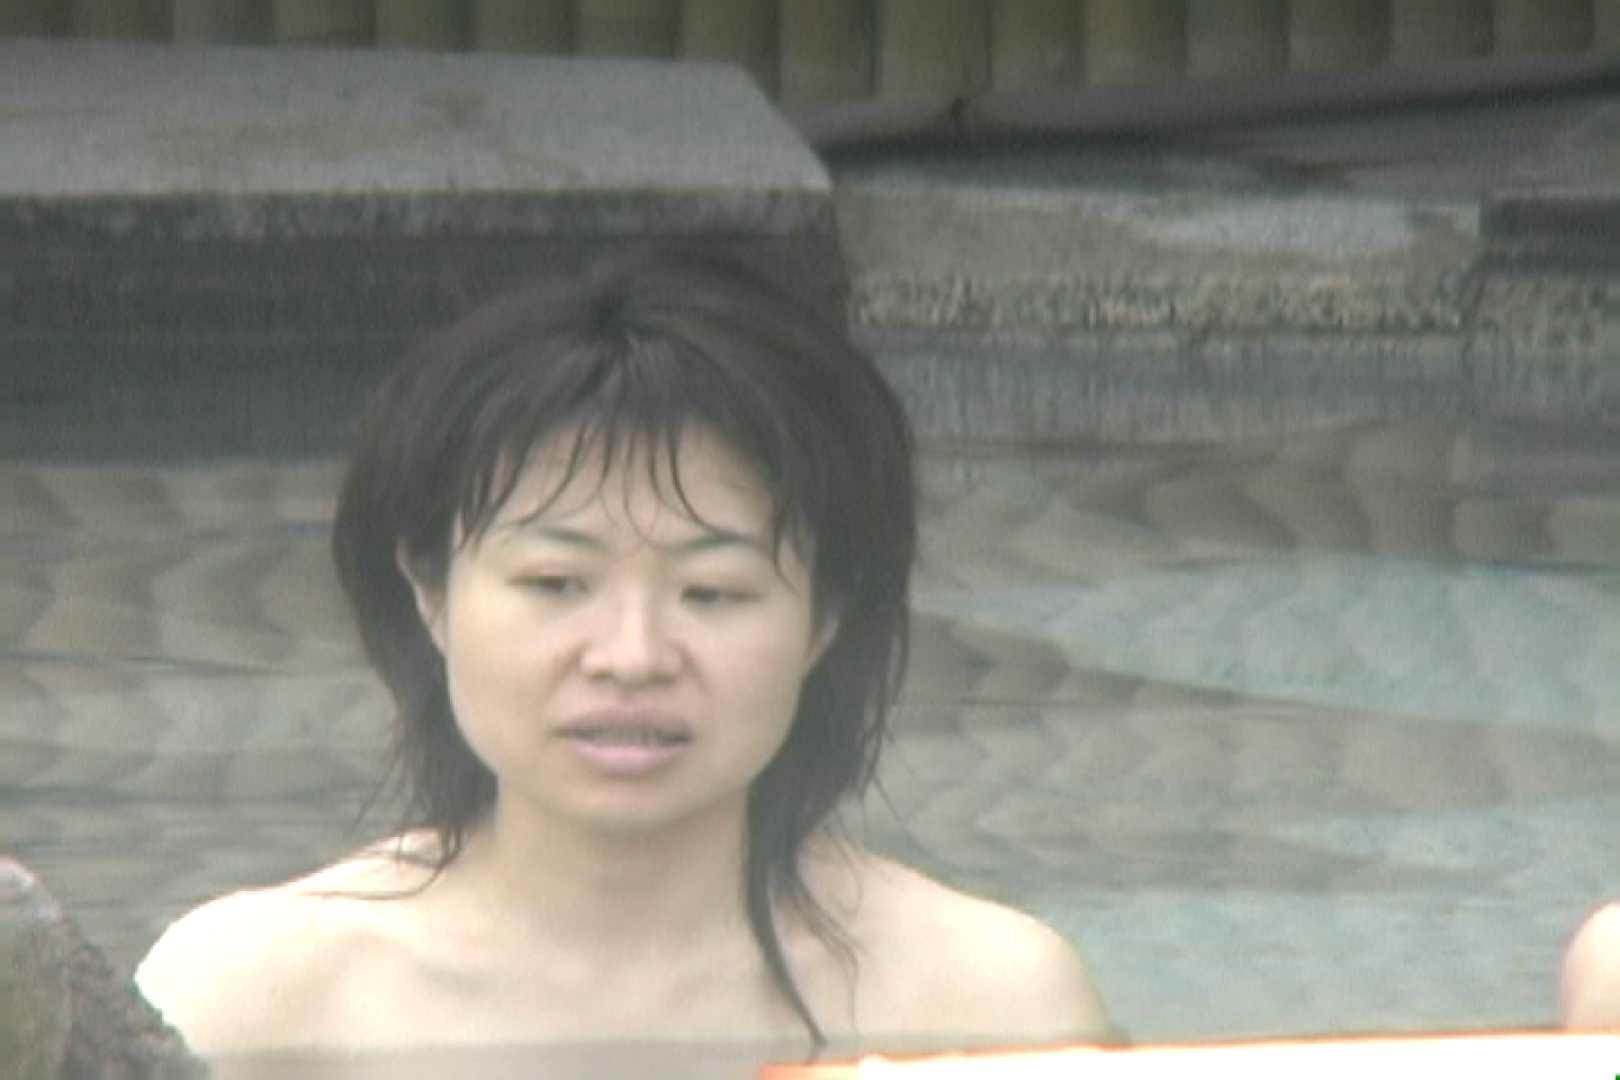 高画質露天女風呂観察 vol.012 乙女 セックス画像 100画像 46